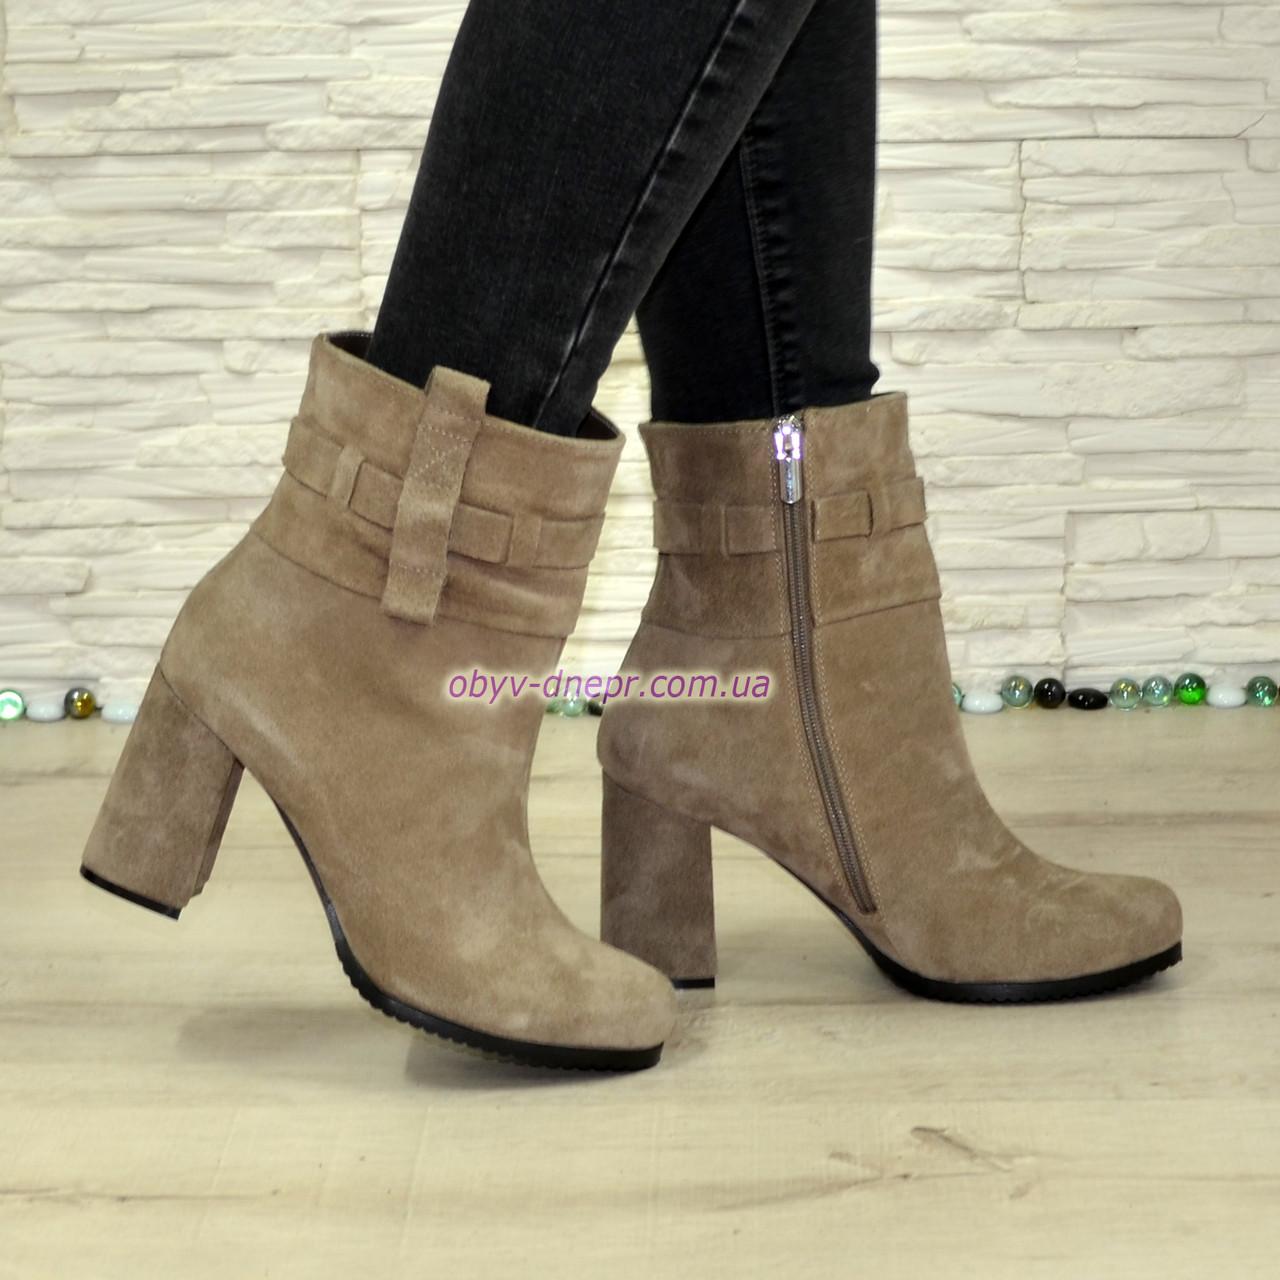 Ботинки демисезонные замшевые на высоком устойчивом каблуке, цвет бежевый